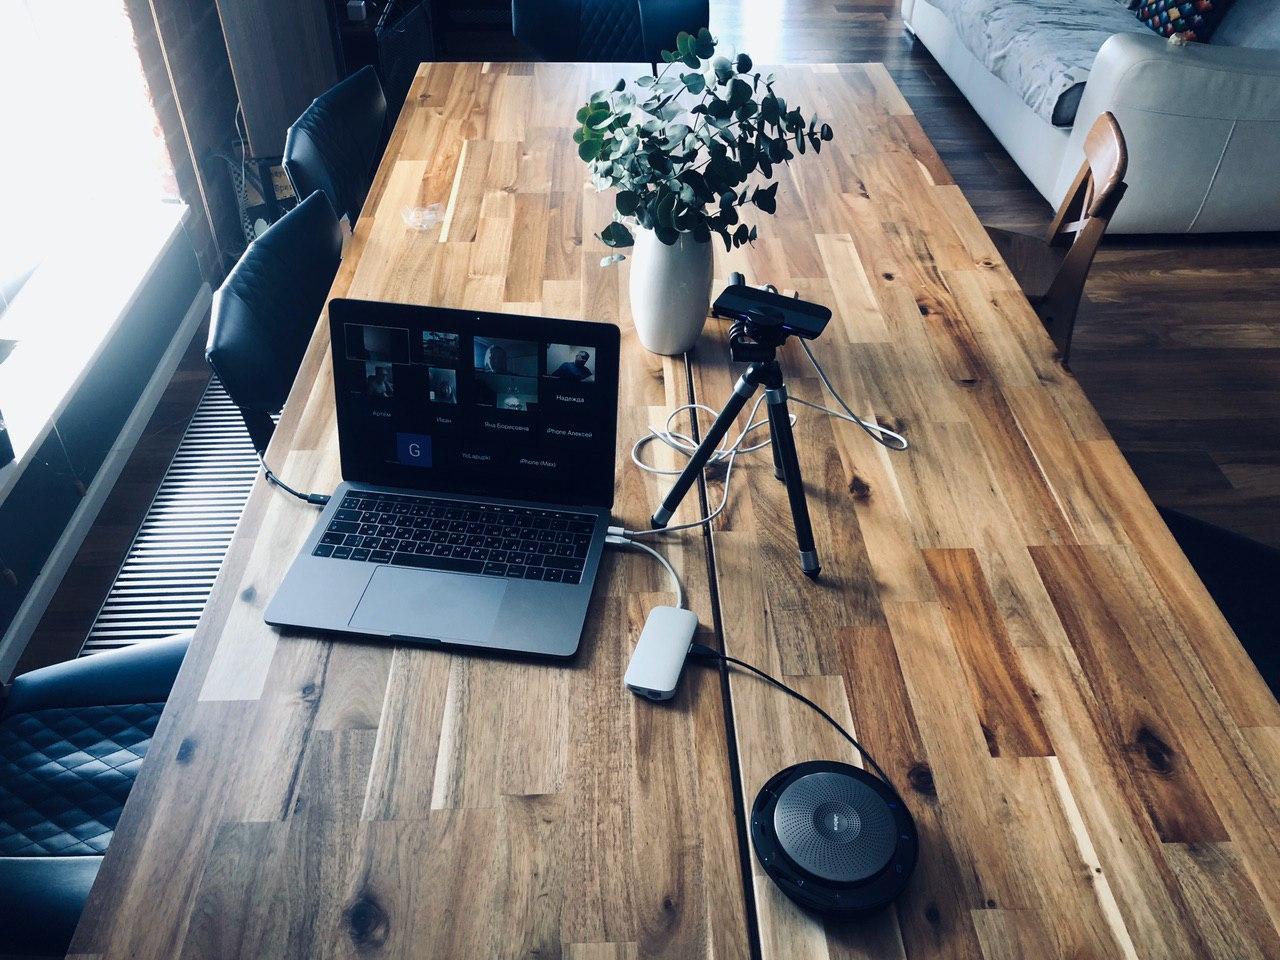 Собрал на Jabra Panacast комбайн для видеоконференций, плюс и минусы для офиса и дома - 1